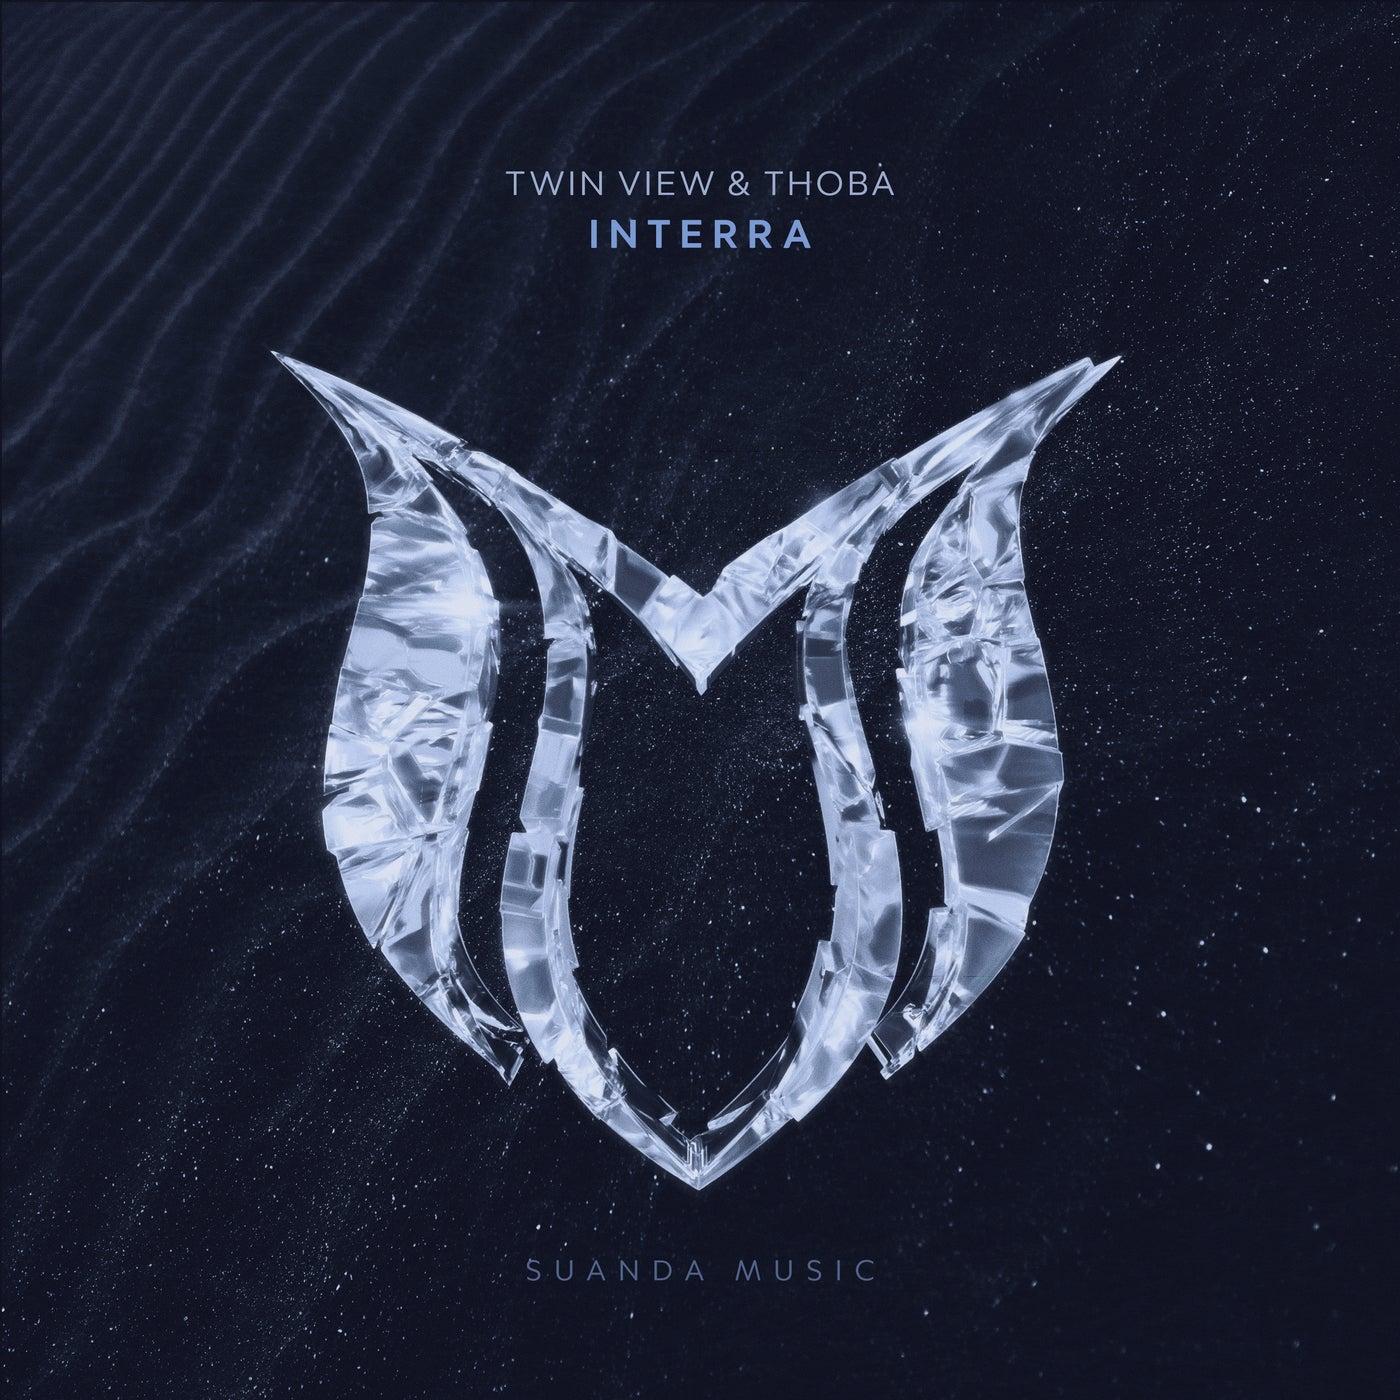 Interra (Extended Mix)